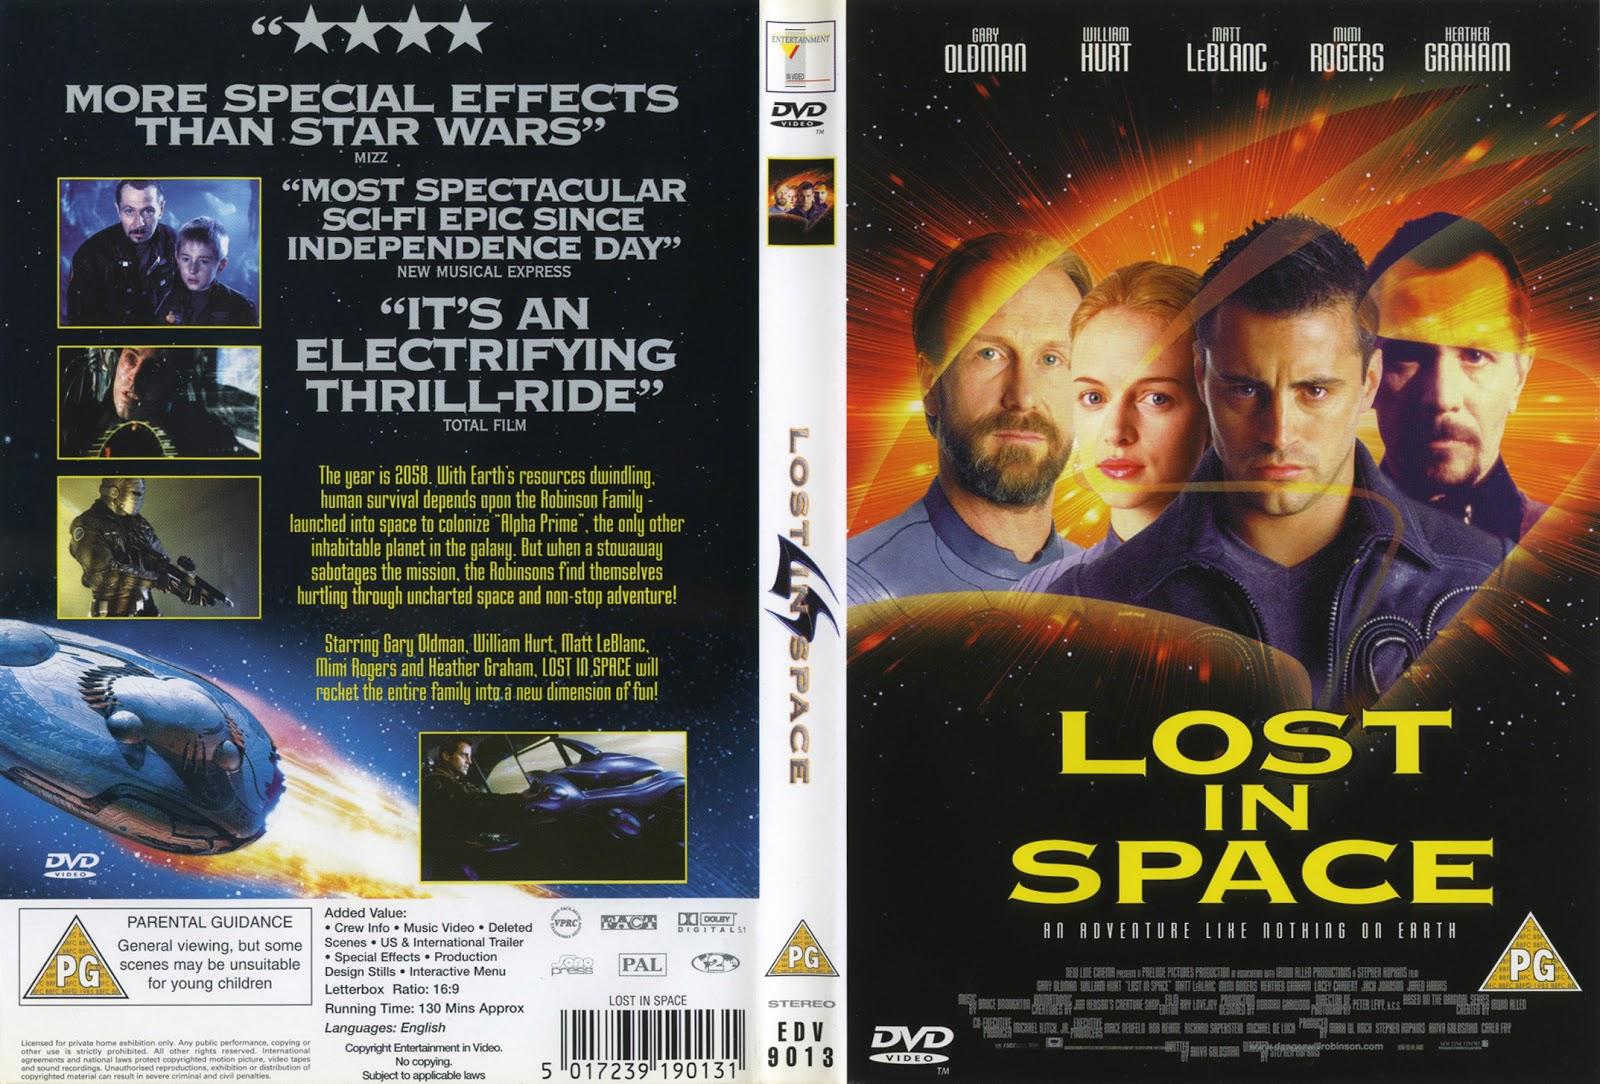 Movie Memorabilia Emporium: Lost In Space UK DVD Cover